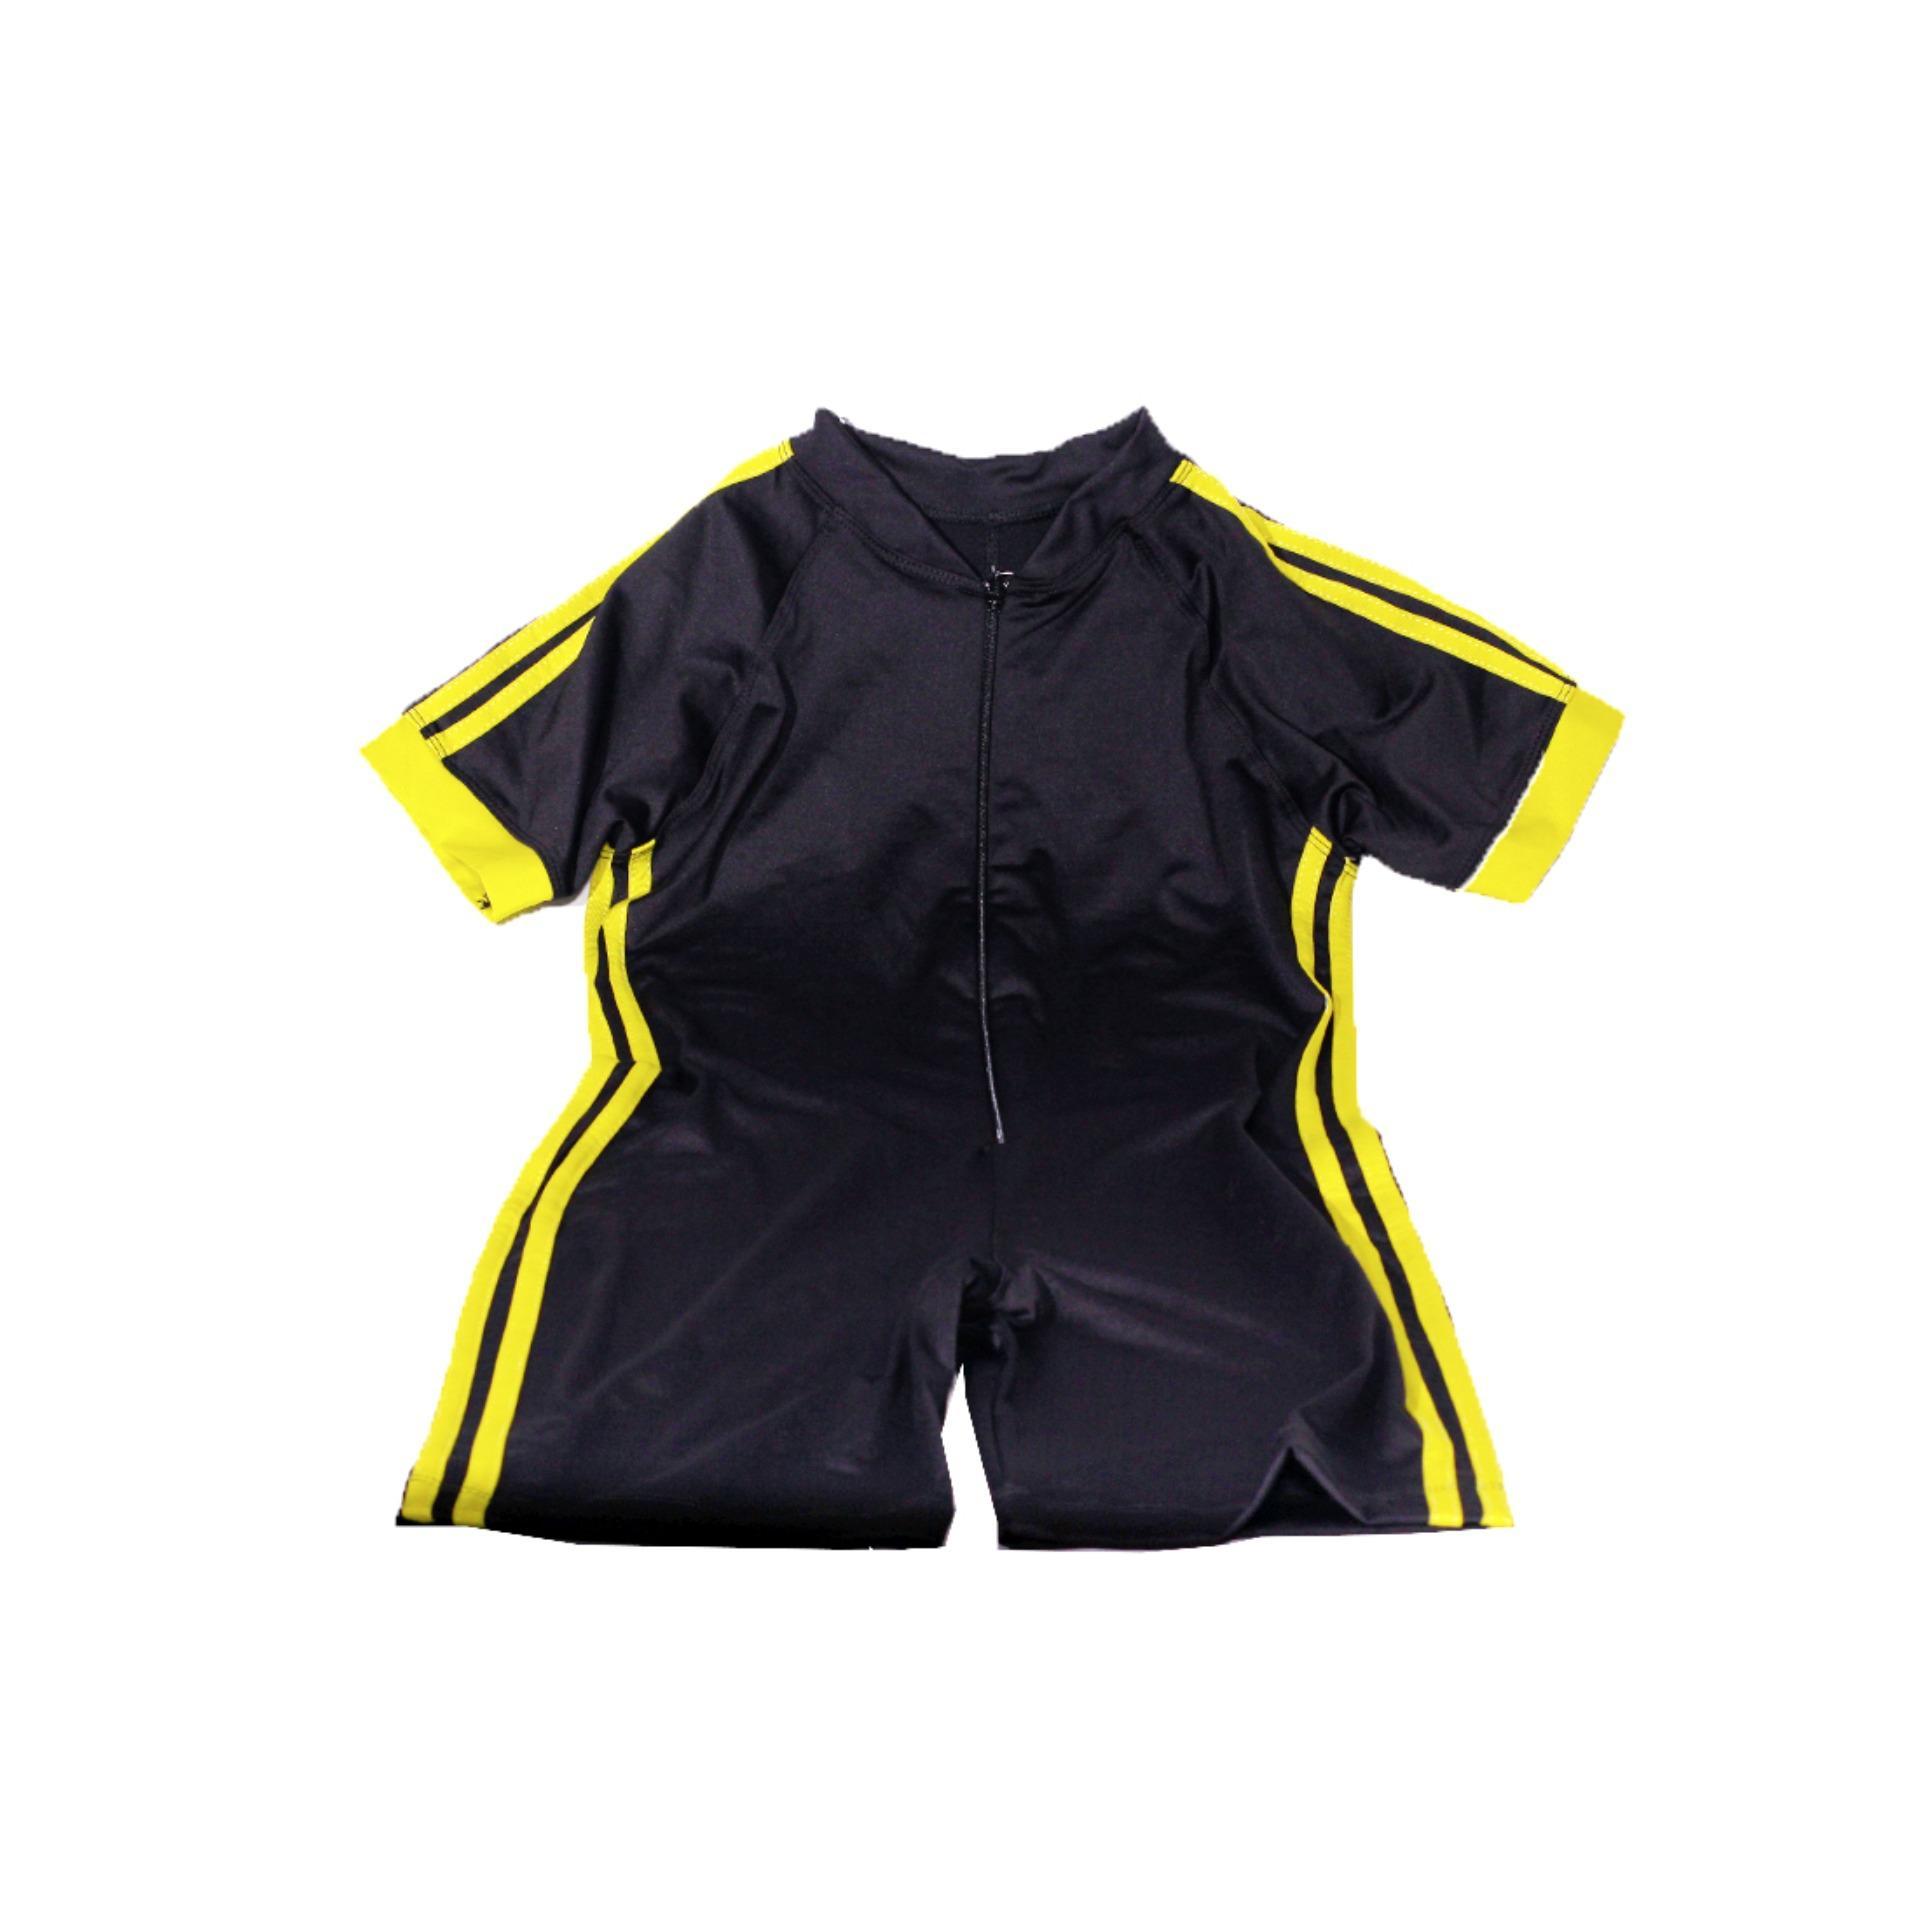 Mall BTM Kids - Diana Baju Renang Anak Lengan Pendek Harga Murah - Coklat Tua